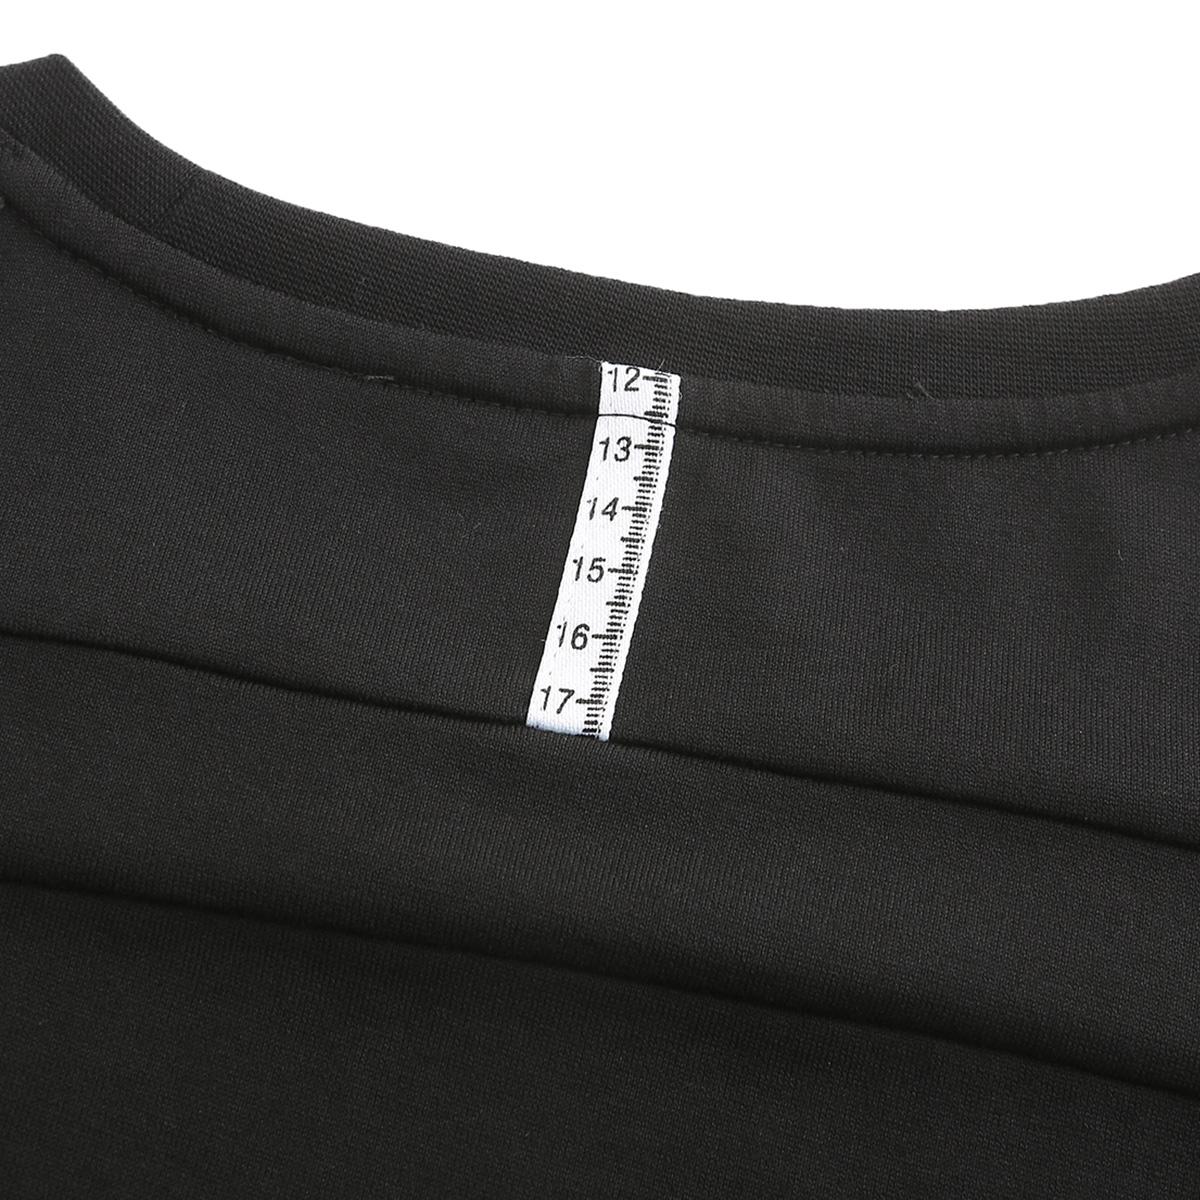 B商场同款马克华菲短袖T恤男装2019夏新款时尚卷尺贴布拼接上衣